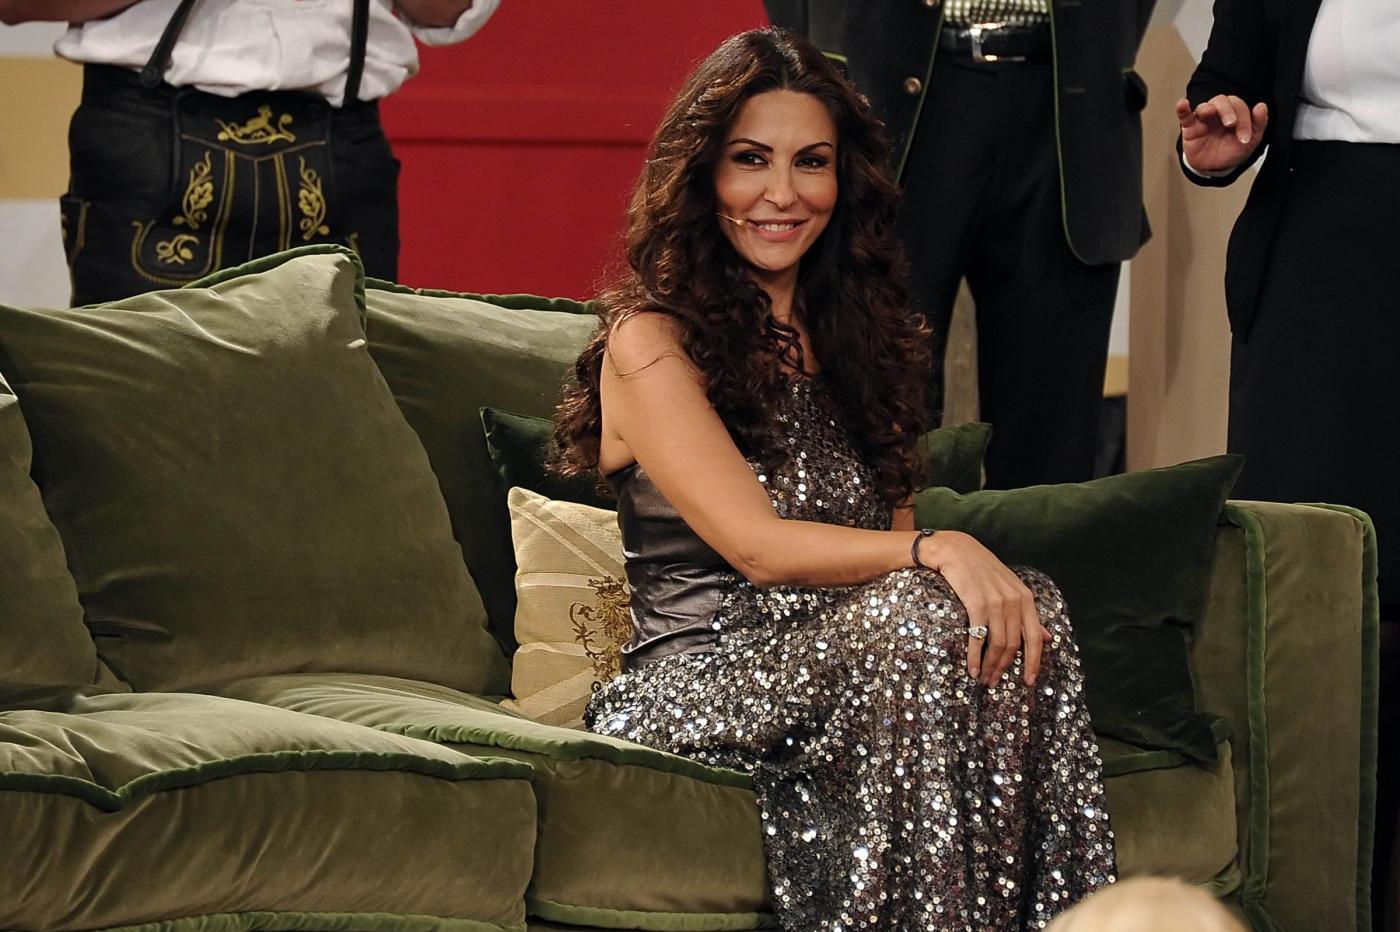 Grande Fratello 12, anticipazioni 9a puntata: ospiti Sabrina Ferilli e Alessandra Amoroso